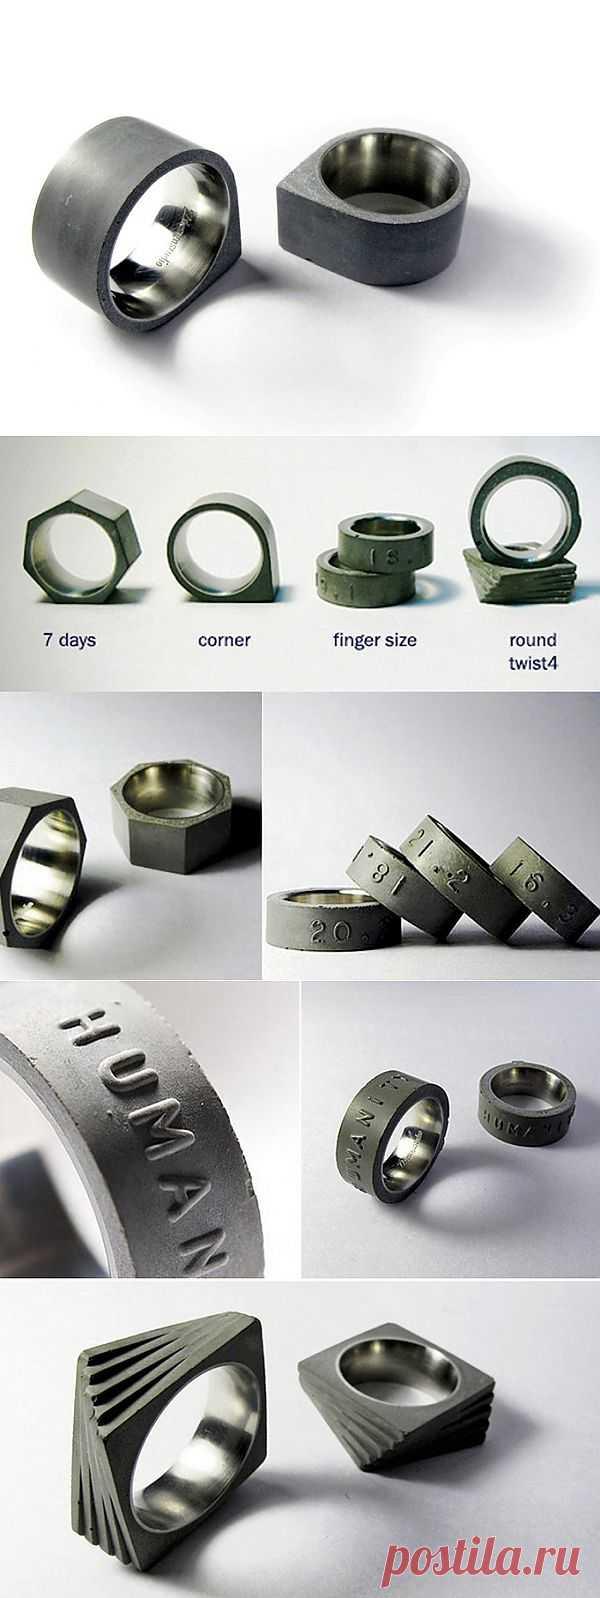 Брутальные кольца Concrete rings / Вещь / Модный сайт о стильной переделке одежды и интерьера